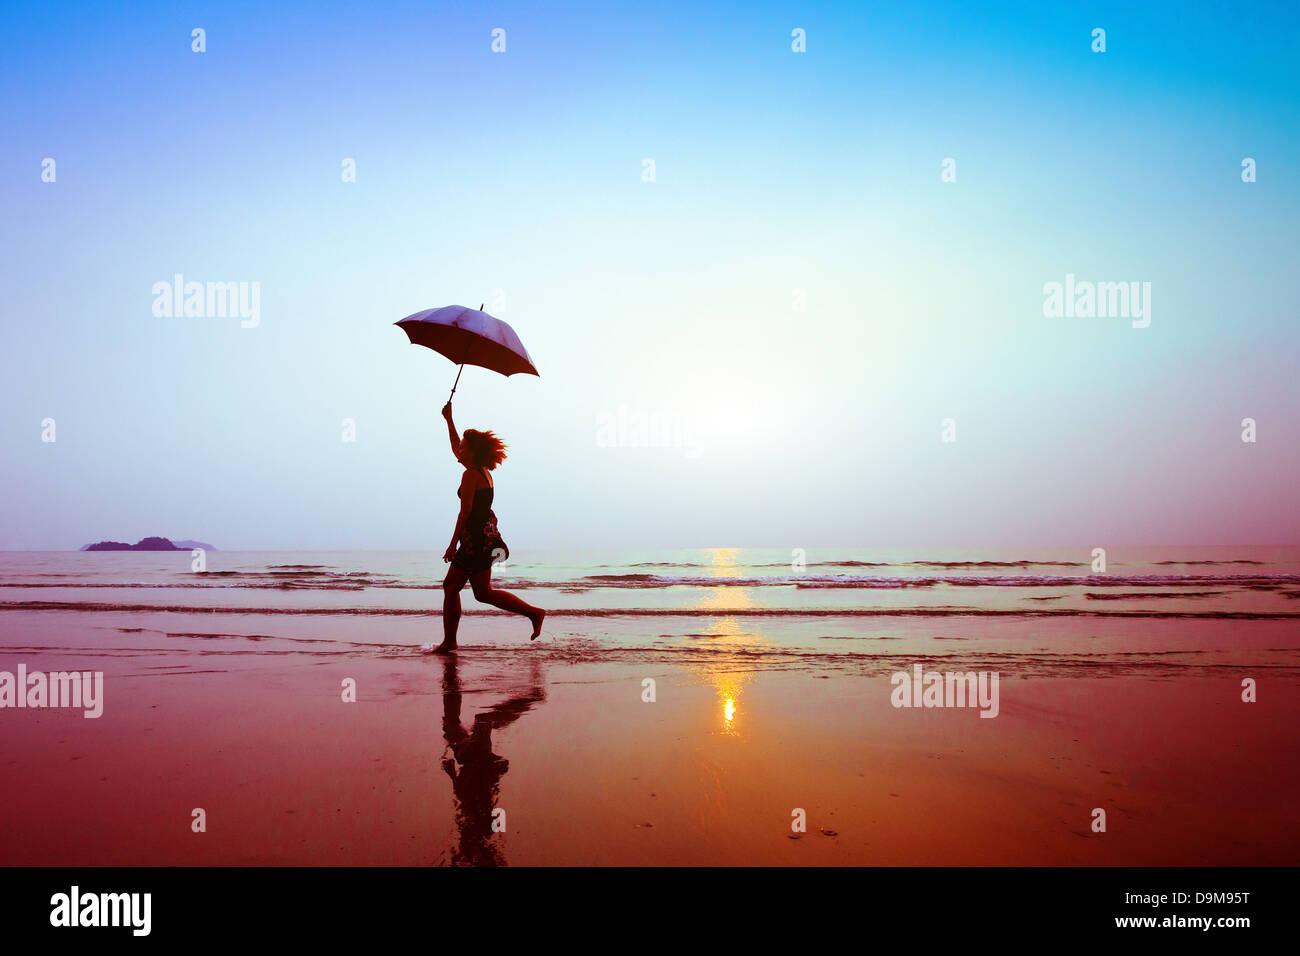 Silueta de mujer corriendo feliz con sombrilla Imagen De Stock